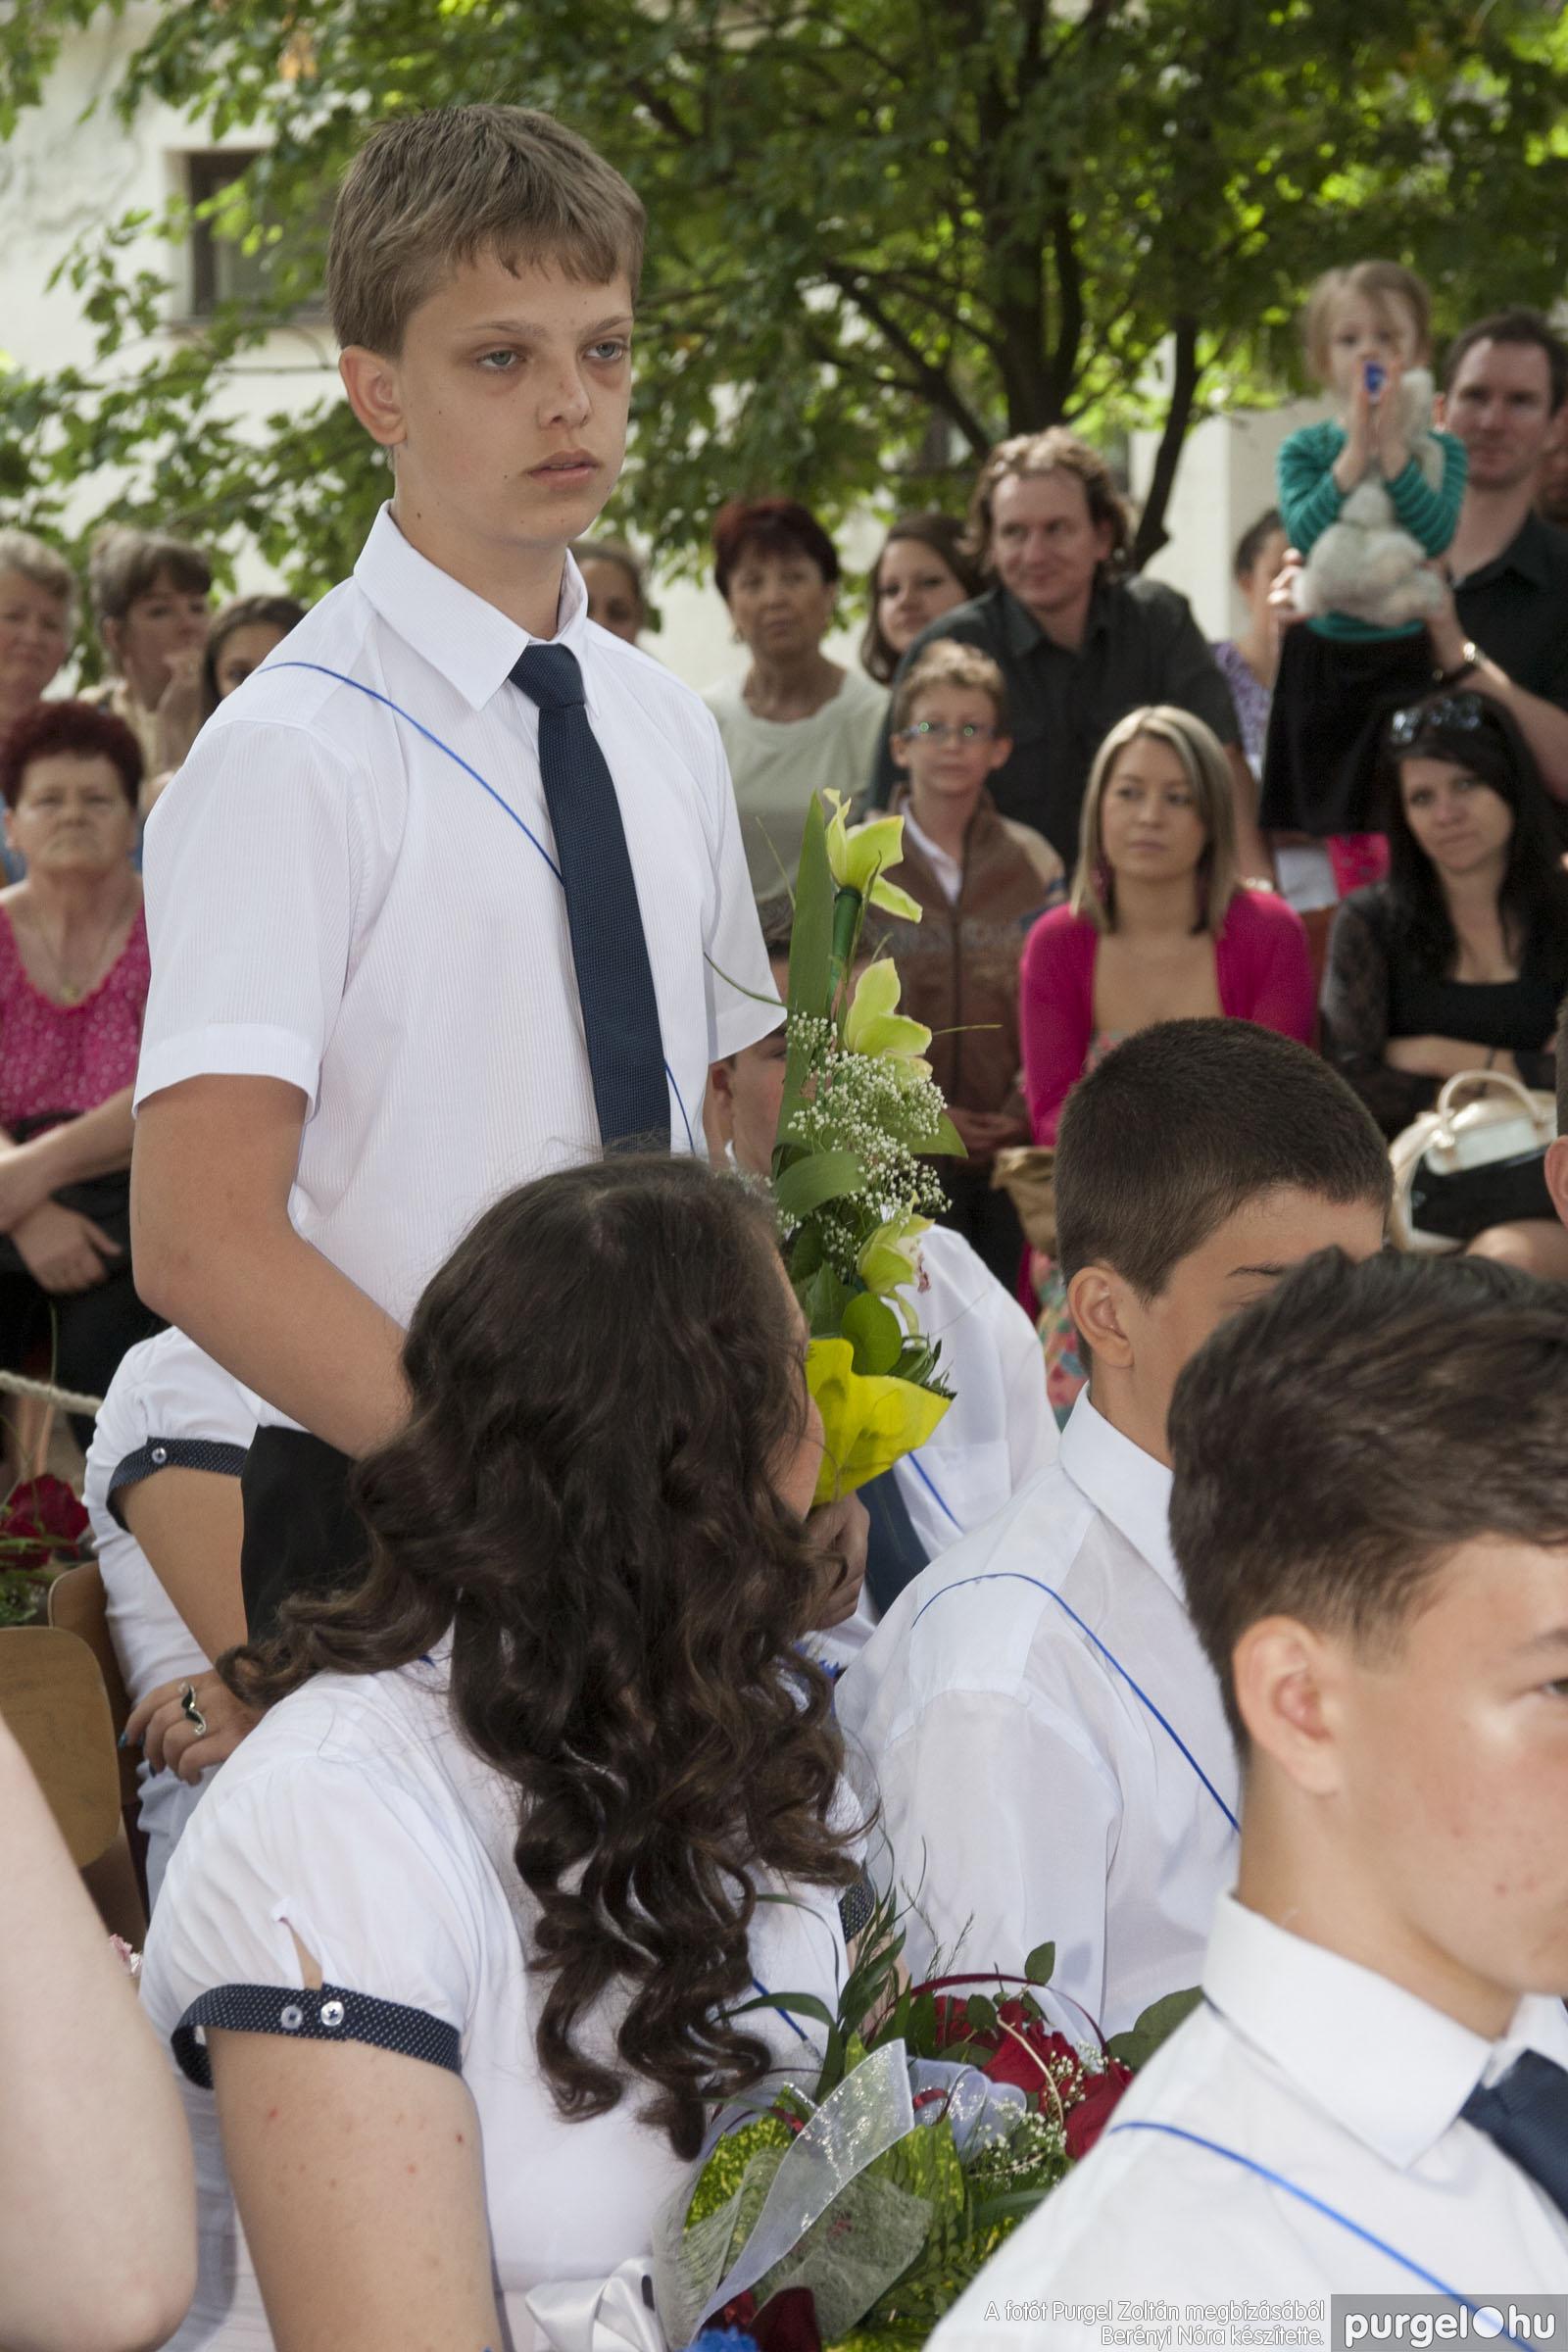 2014.06.14. 218 Forray Máté Általános Iskola ballagás 2014. - Fotó:BERÉNYI NÓRA© _MG_5865.jpg